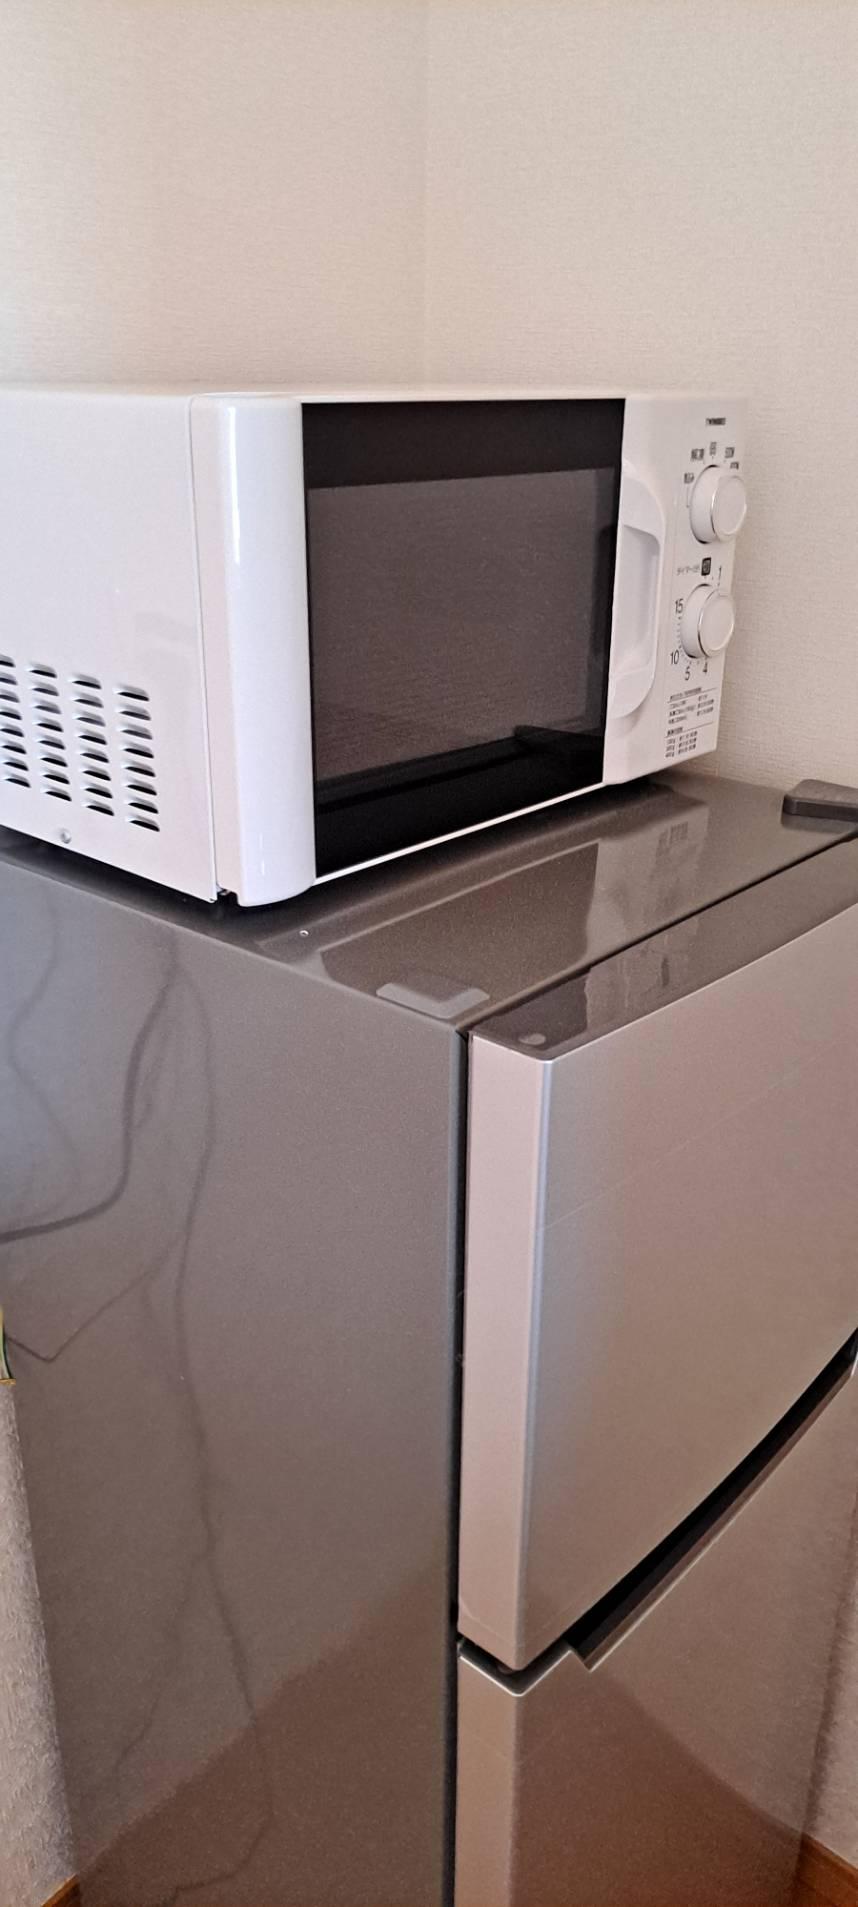 家電レンタル冷蔵庫とレンジの写真